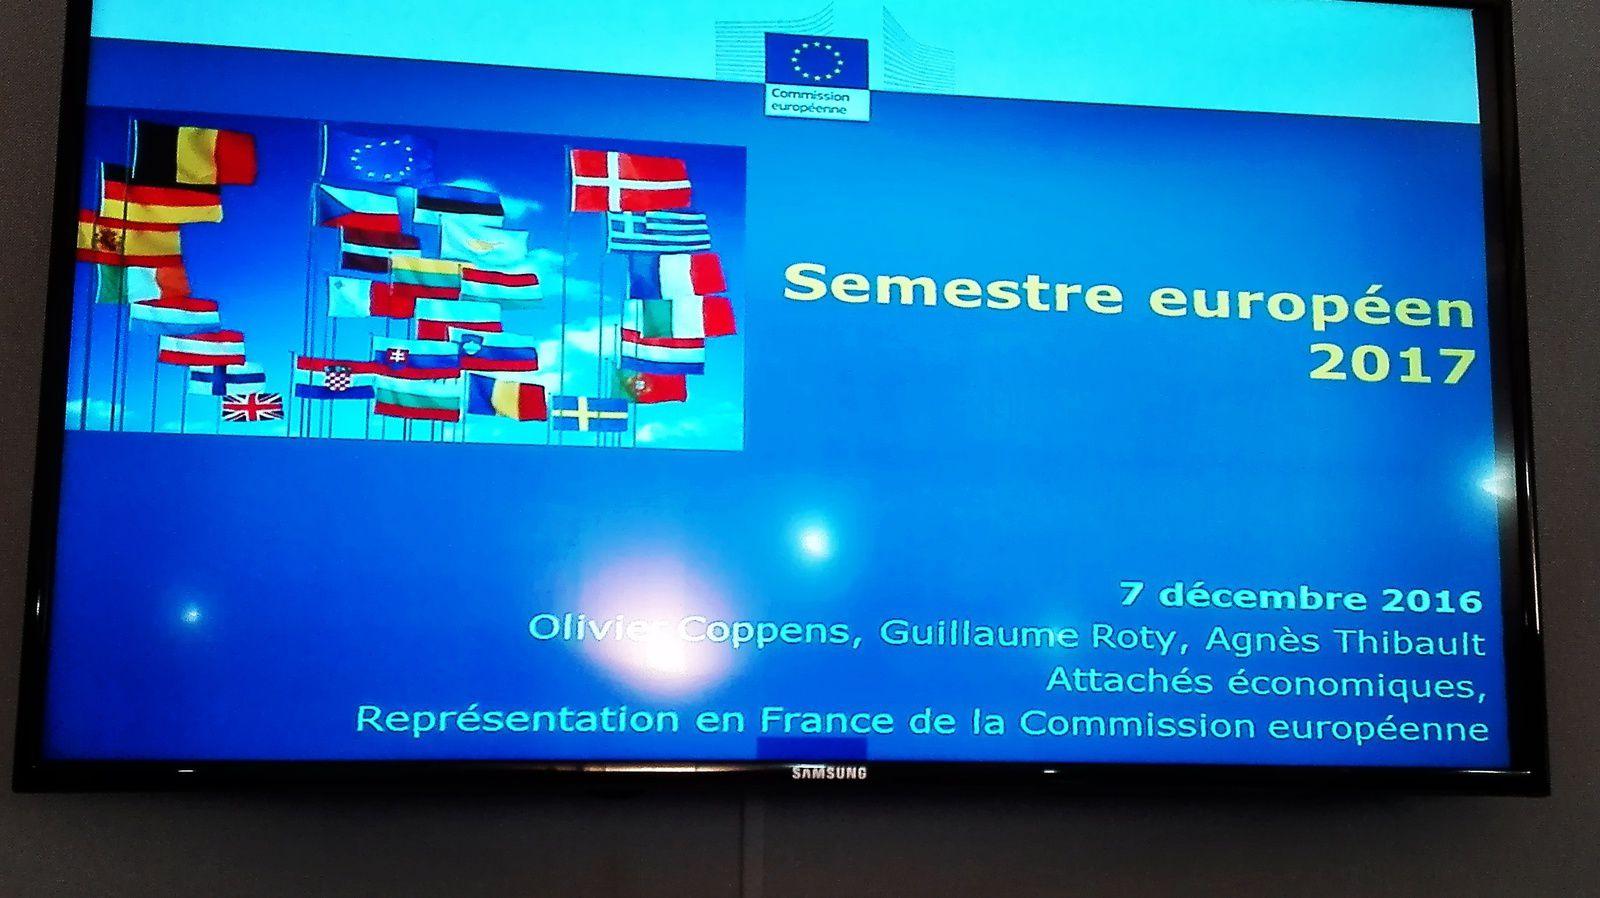 SEMESTRE ECONOMIQUE 2017 : LA COMMISSION EUROPEENNE RETIENT NOTRE PROPOSITION DE TROIS GROUPES AU SEIN DE LA ZONE EURO